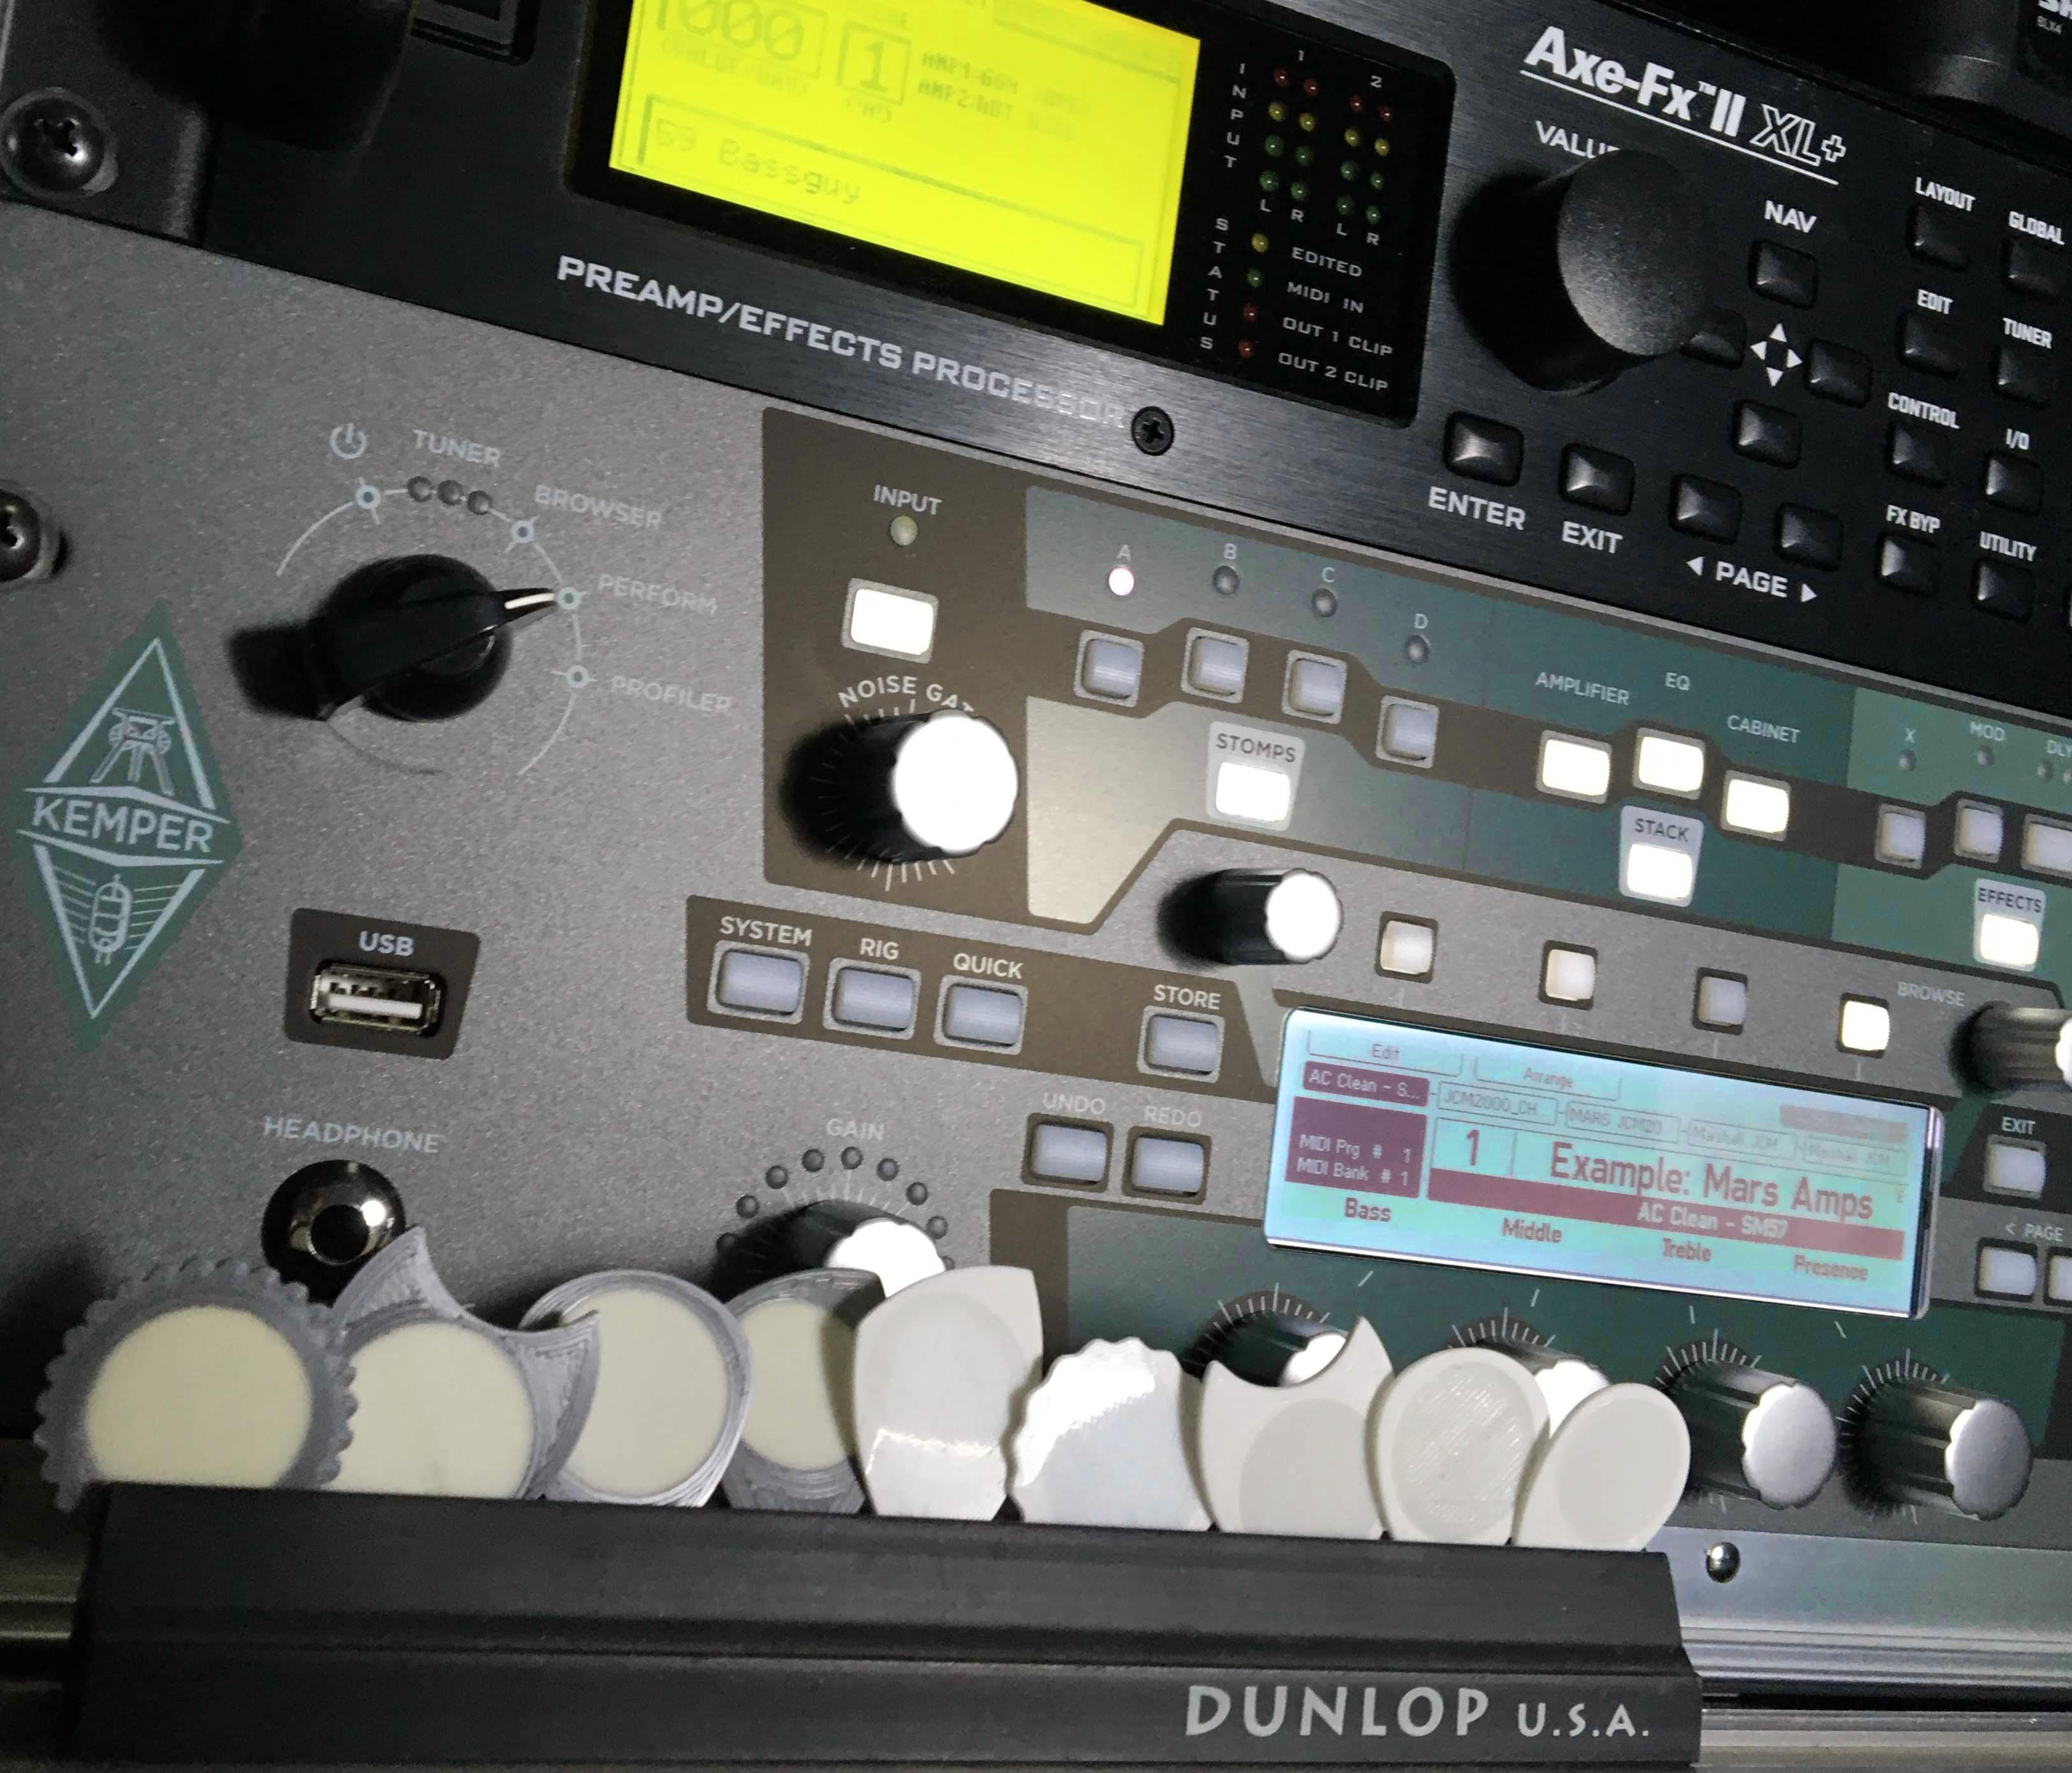 Puas Nido Rack de eXiMienTa.JPG Télécharger fichier STL gratuit SIMIR-g & SIMIR-p Puas Nido - Fabriqué avec PLA et TPU BCN3D sigma R19 - Bâton de guitare 3D • Modèle pour impression 3D, carleslluisar